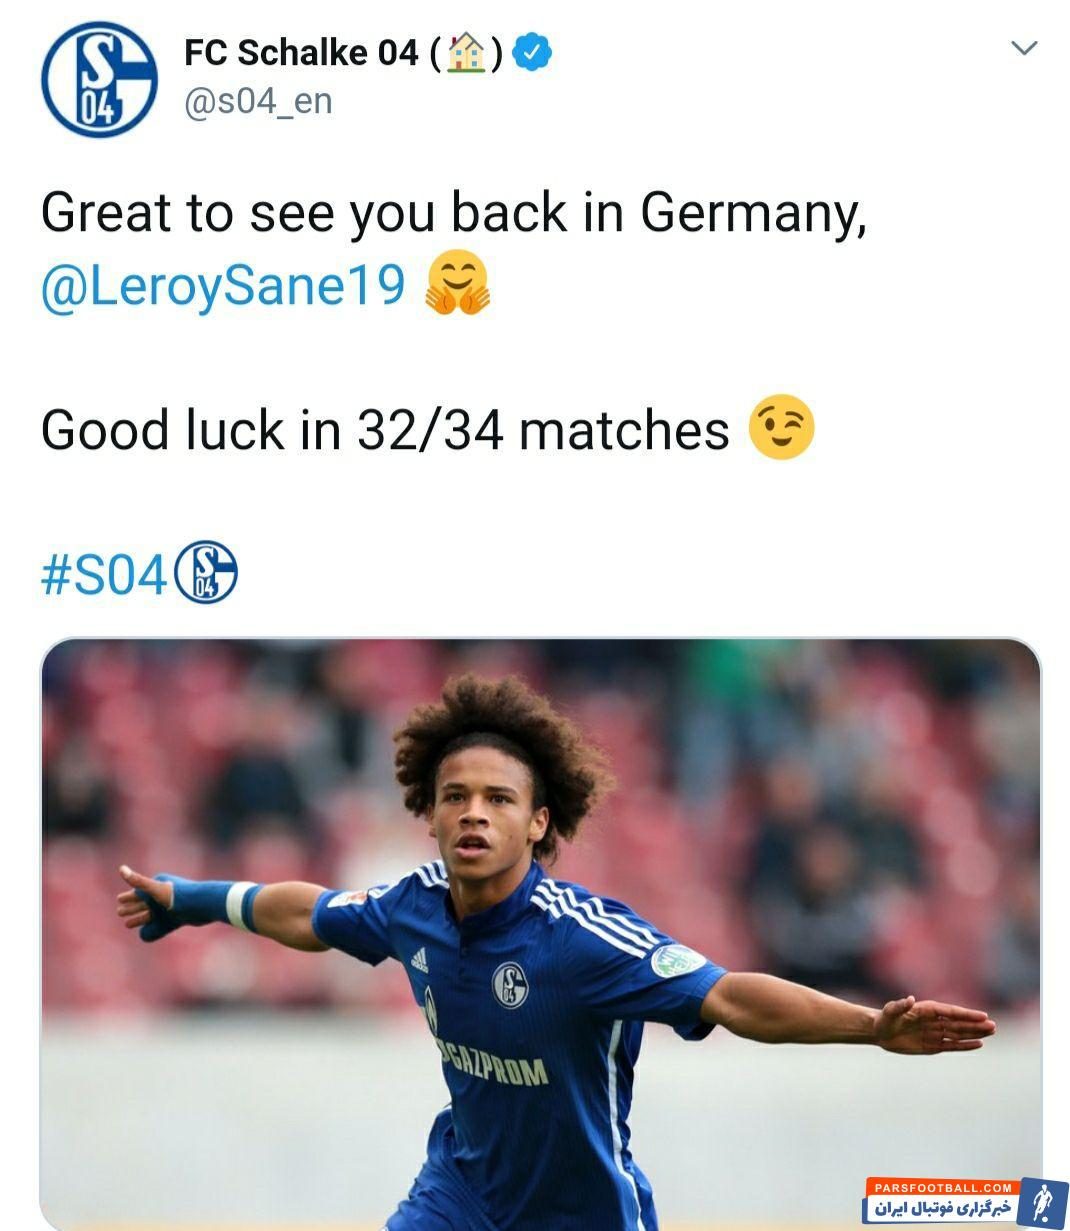 شالکه عکسی از لروی سانه در دوره حضور در آره نا را منتشر کرد و نوشت: فوقالعاده است که می بینیم به آلمان برگشتی، لروی سانه. در 32 بازی از 34 بازی موفق باشی!